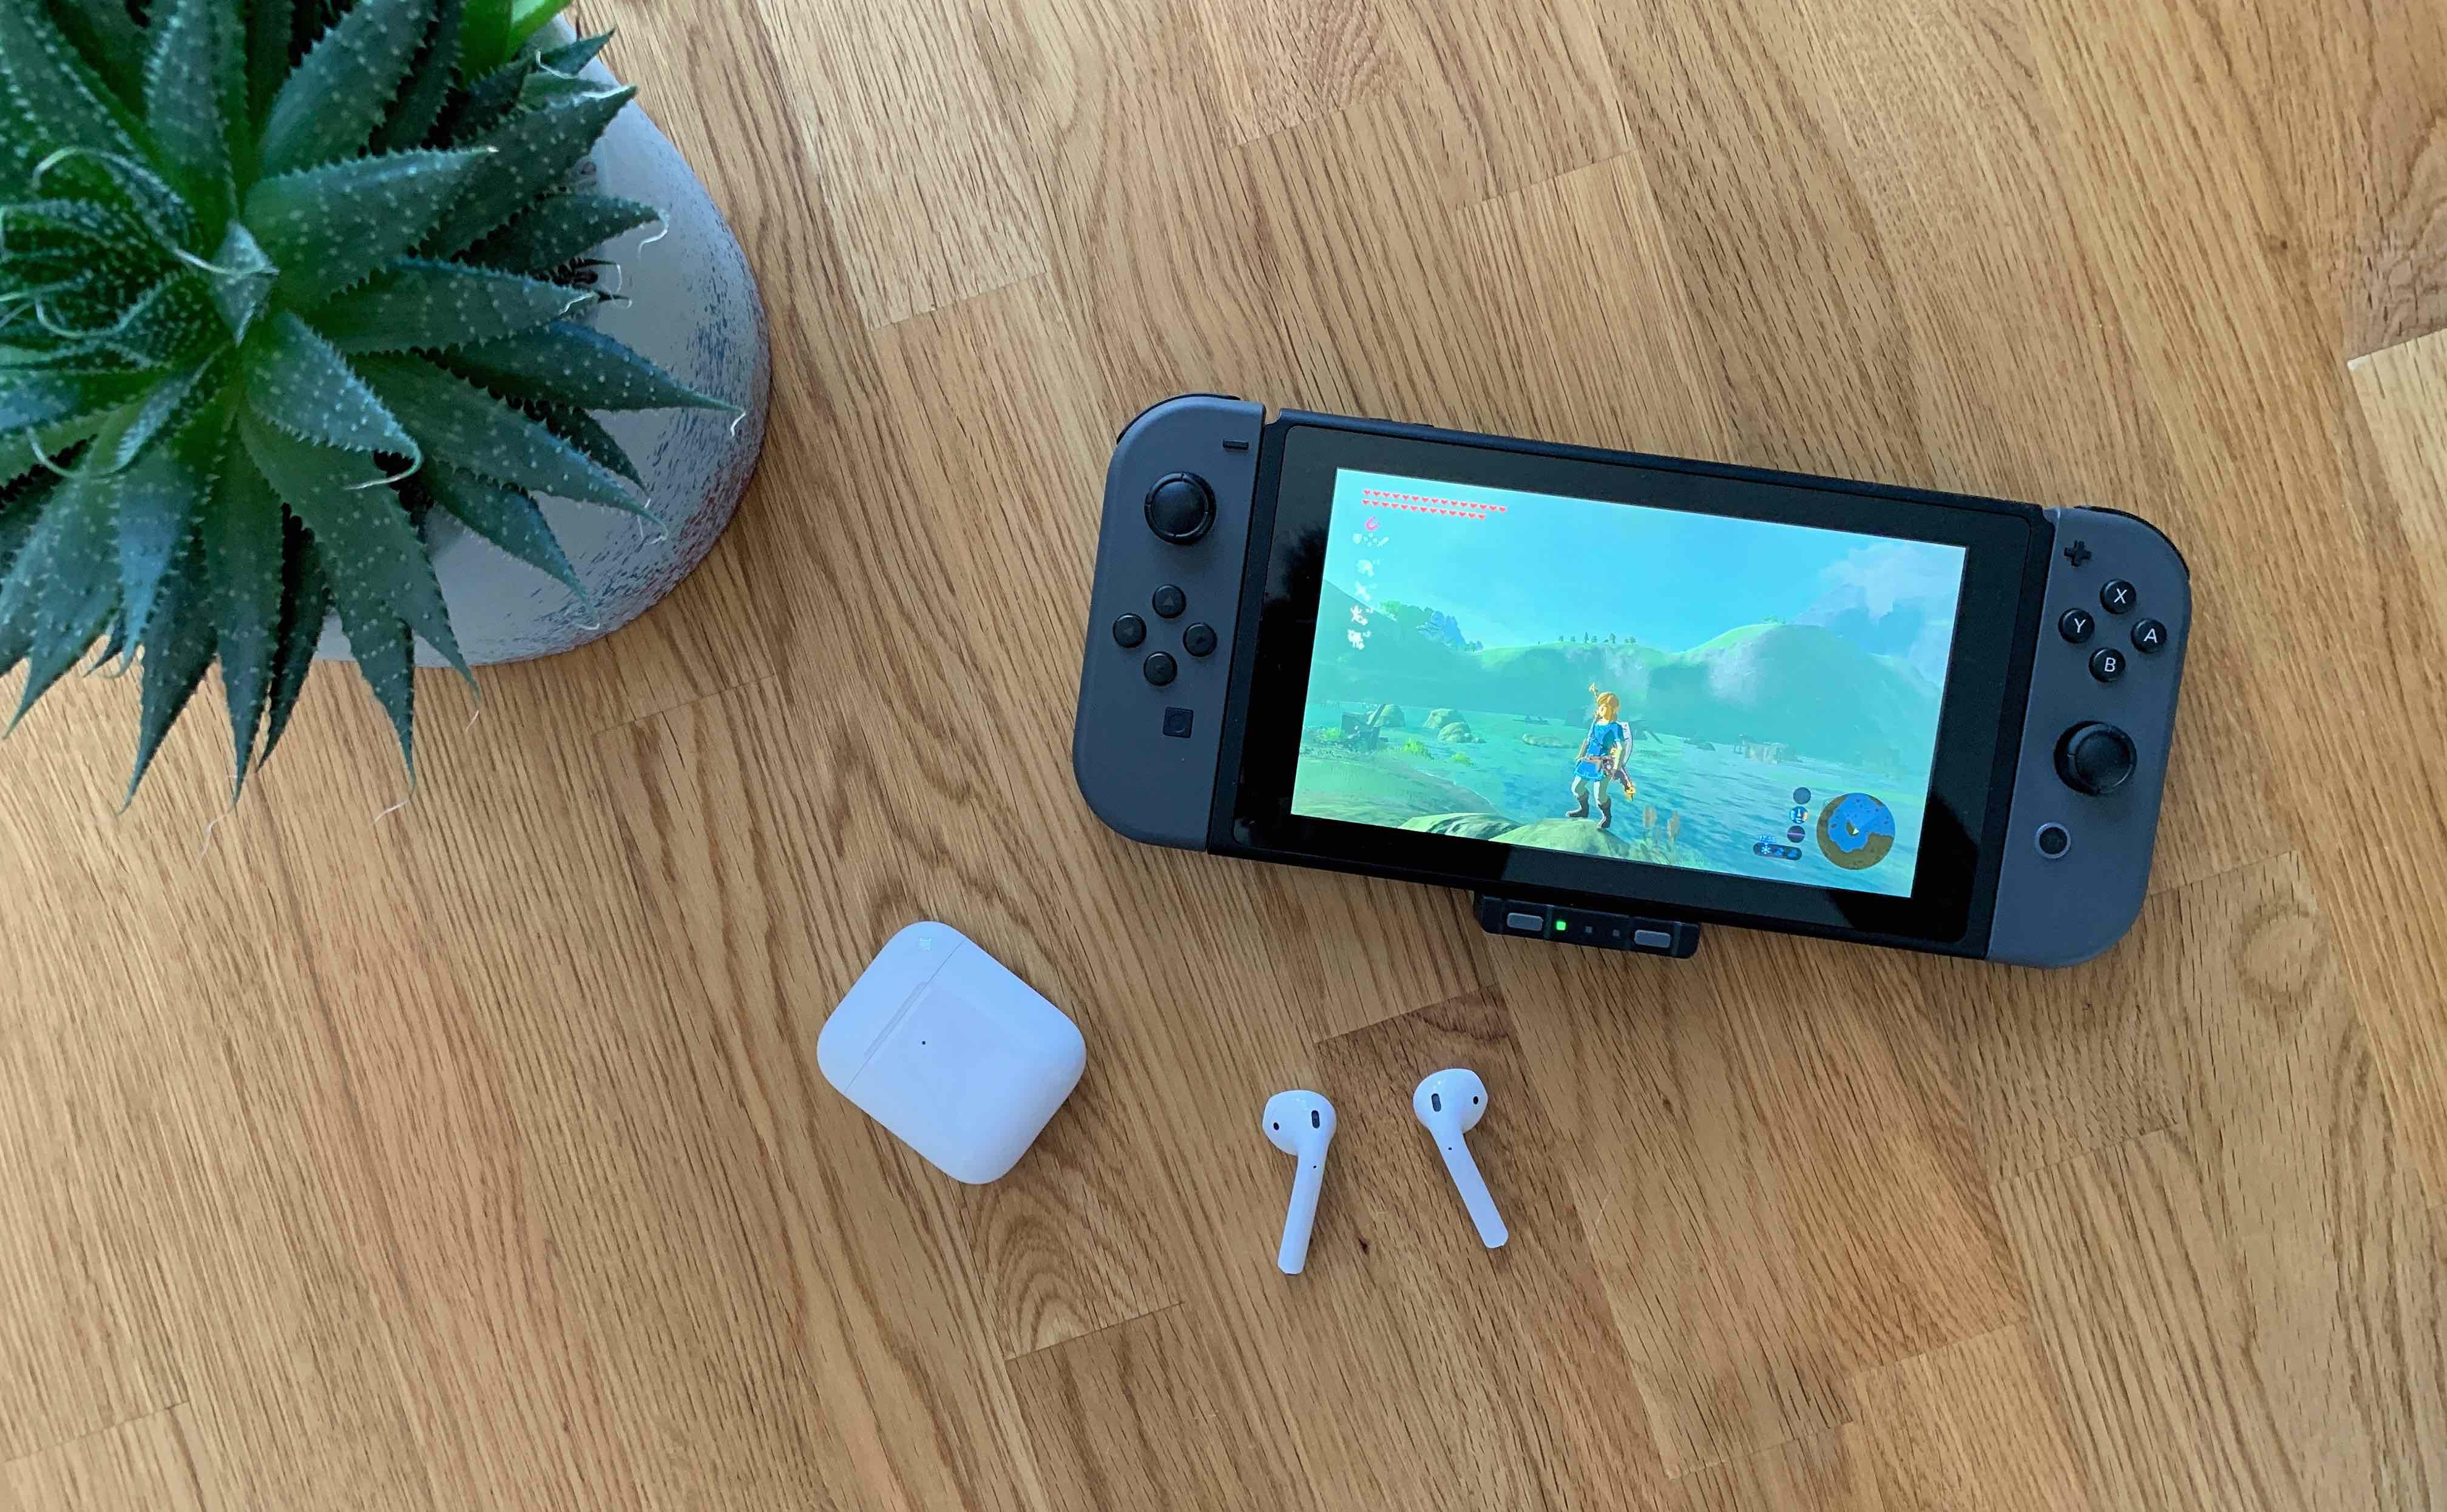 Homespot_Nintendo_Switch_Apple_AirPods_Bluetooth_Adapter4 HomeSpot - verbinde deine AirPods mit deiner Nintendo Switch